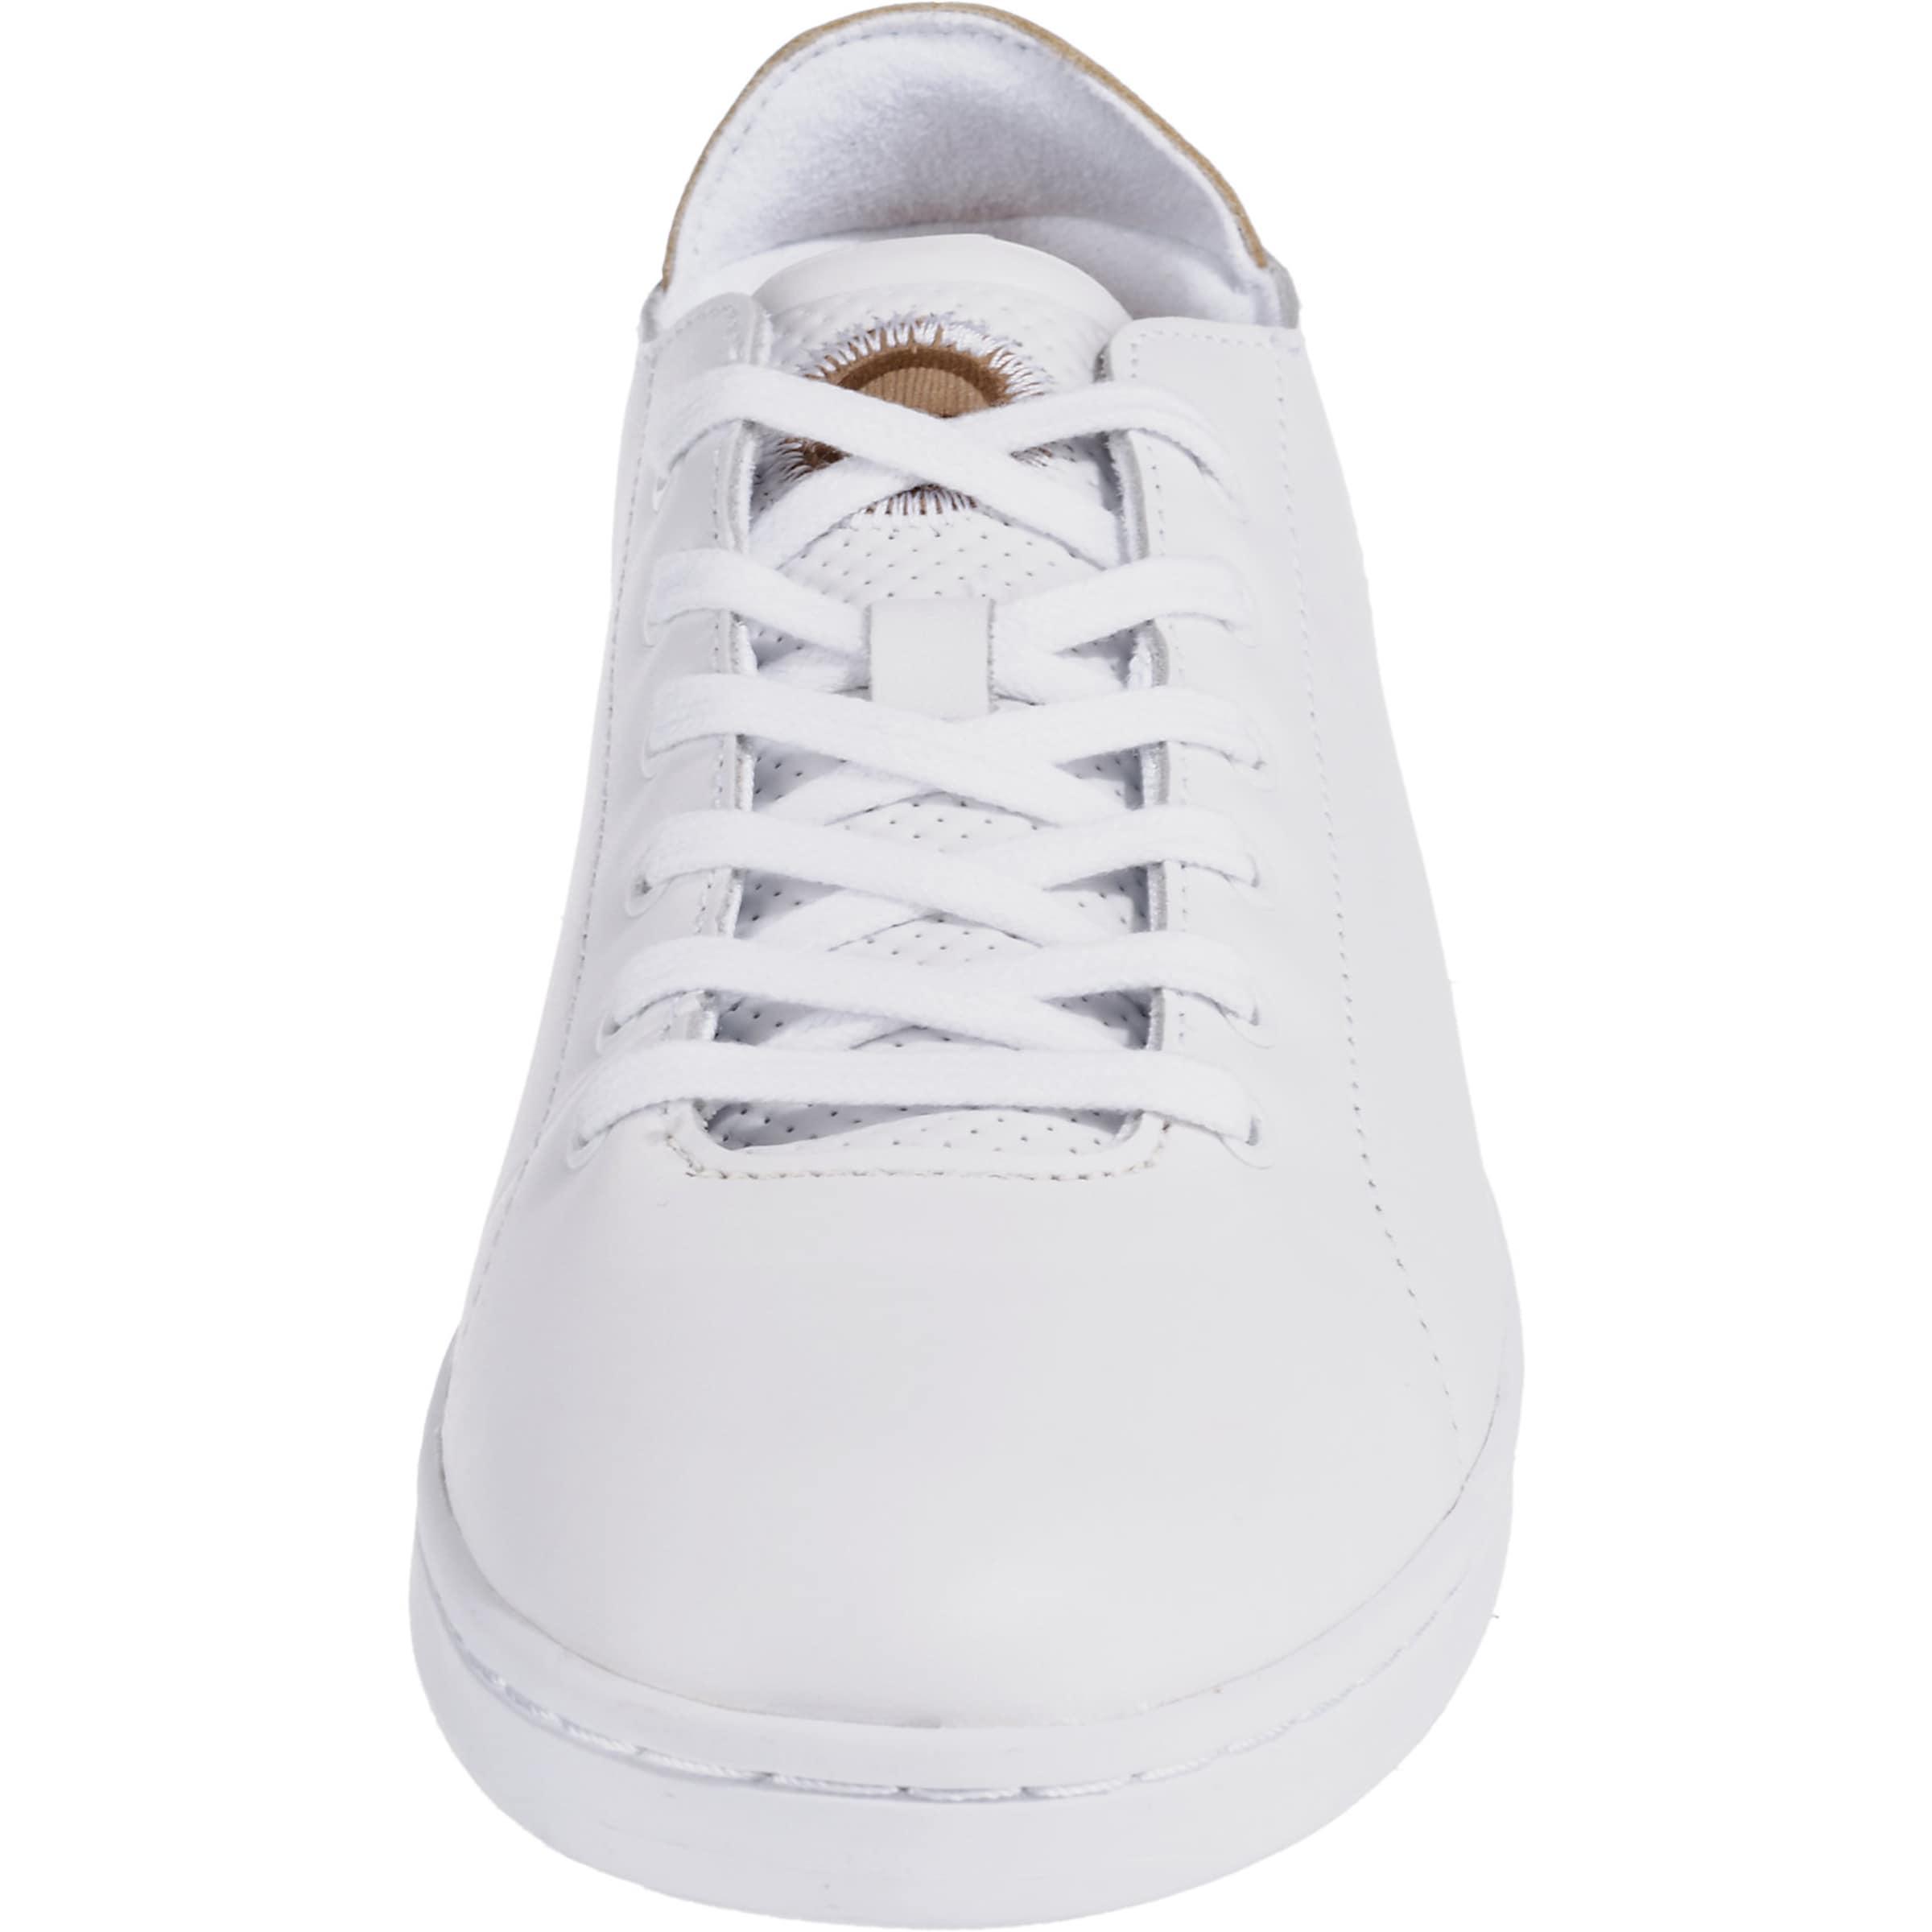 Woden In Woden Sneaker In In Sneaker Weiß Sneaker Weiß Woden E2WD9IYH